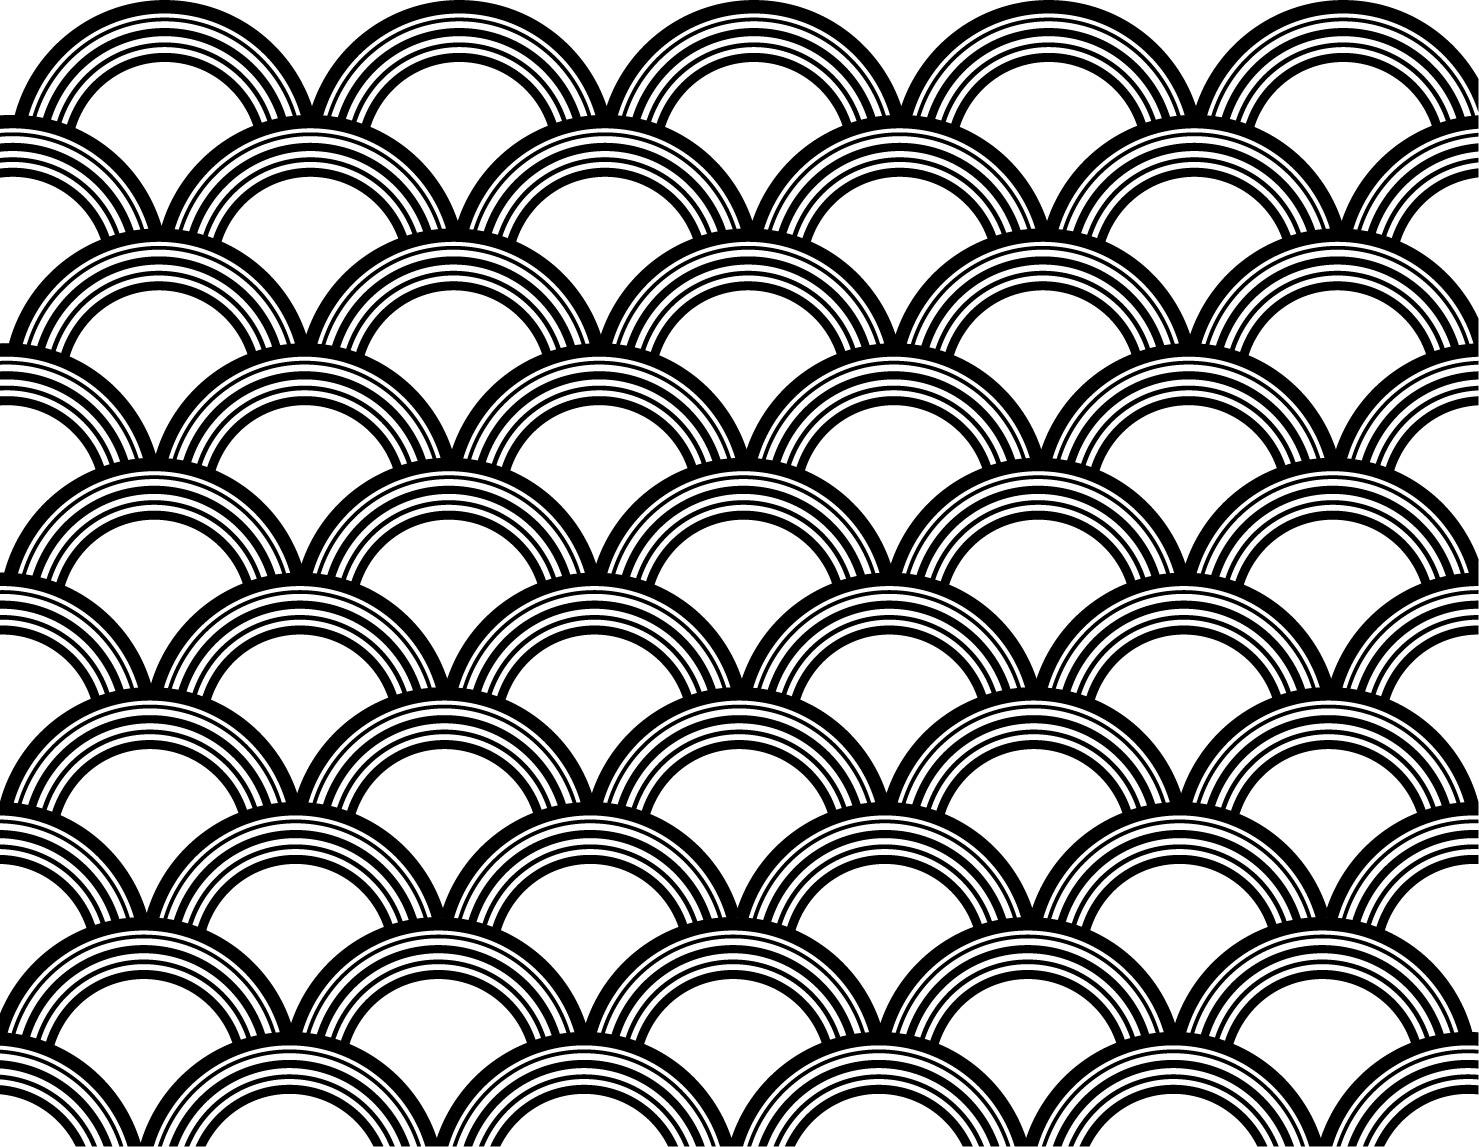 Wallpaper Art   Wallpapers 1479x1147